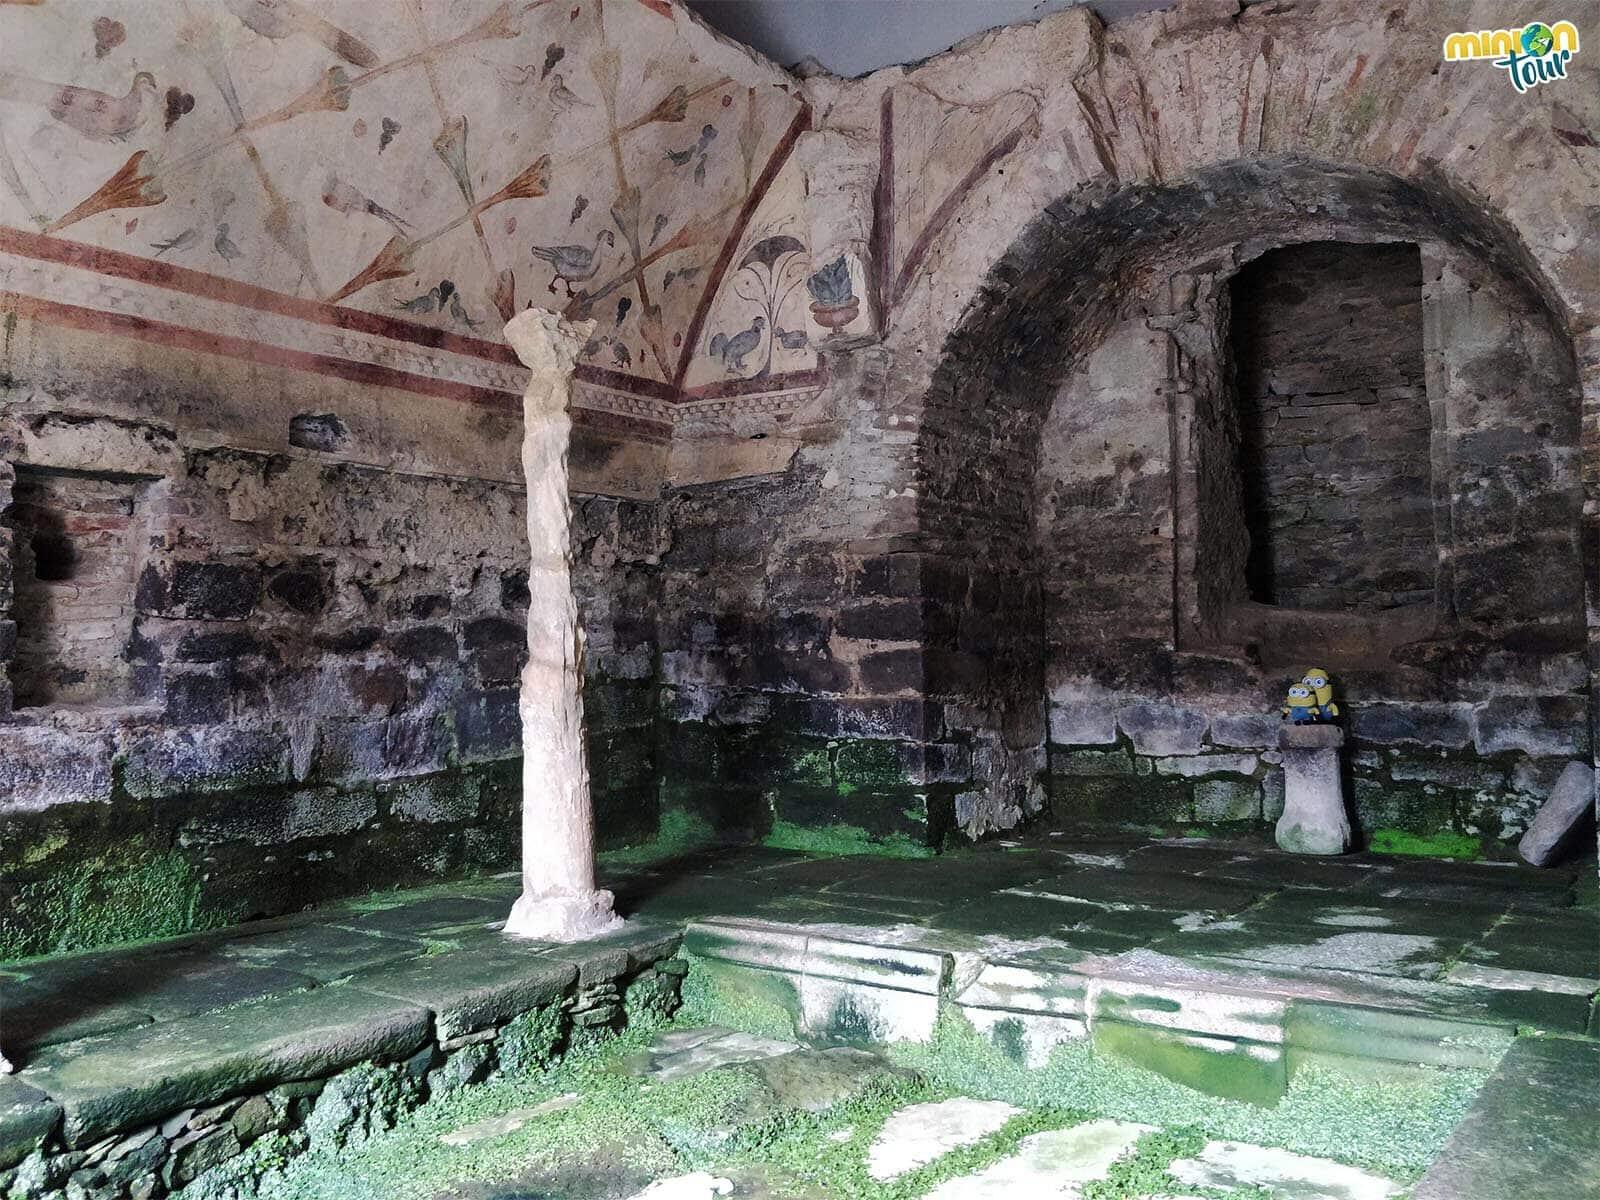 Pensando si las pinturas murales de Santa Eulalia de Bóveda son de un templo romano